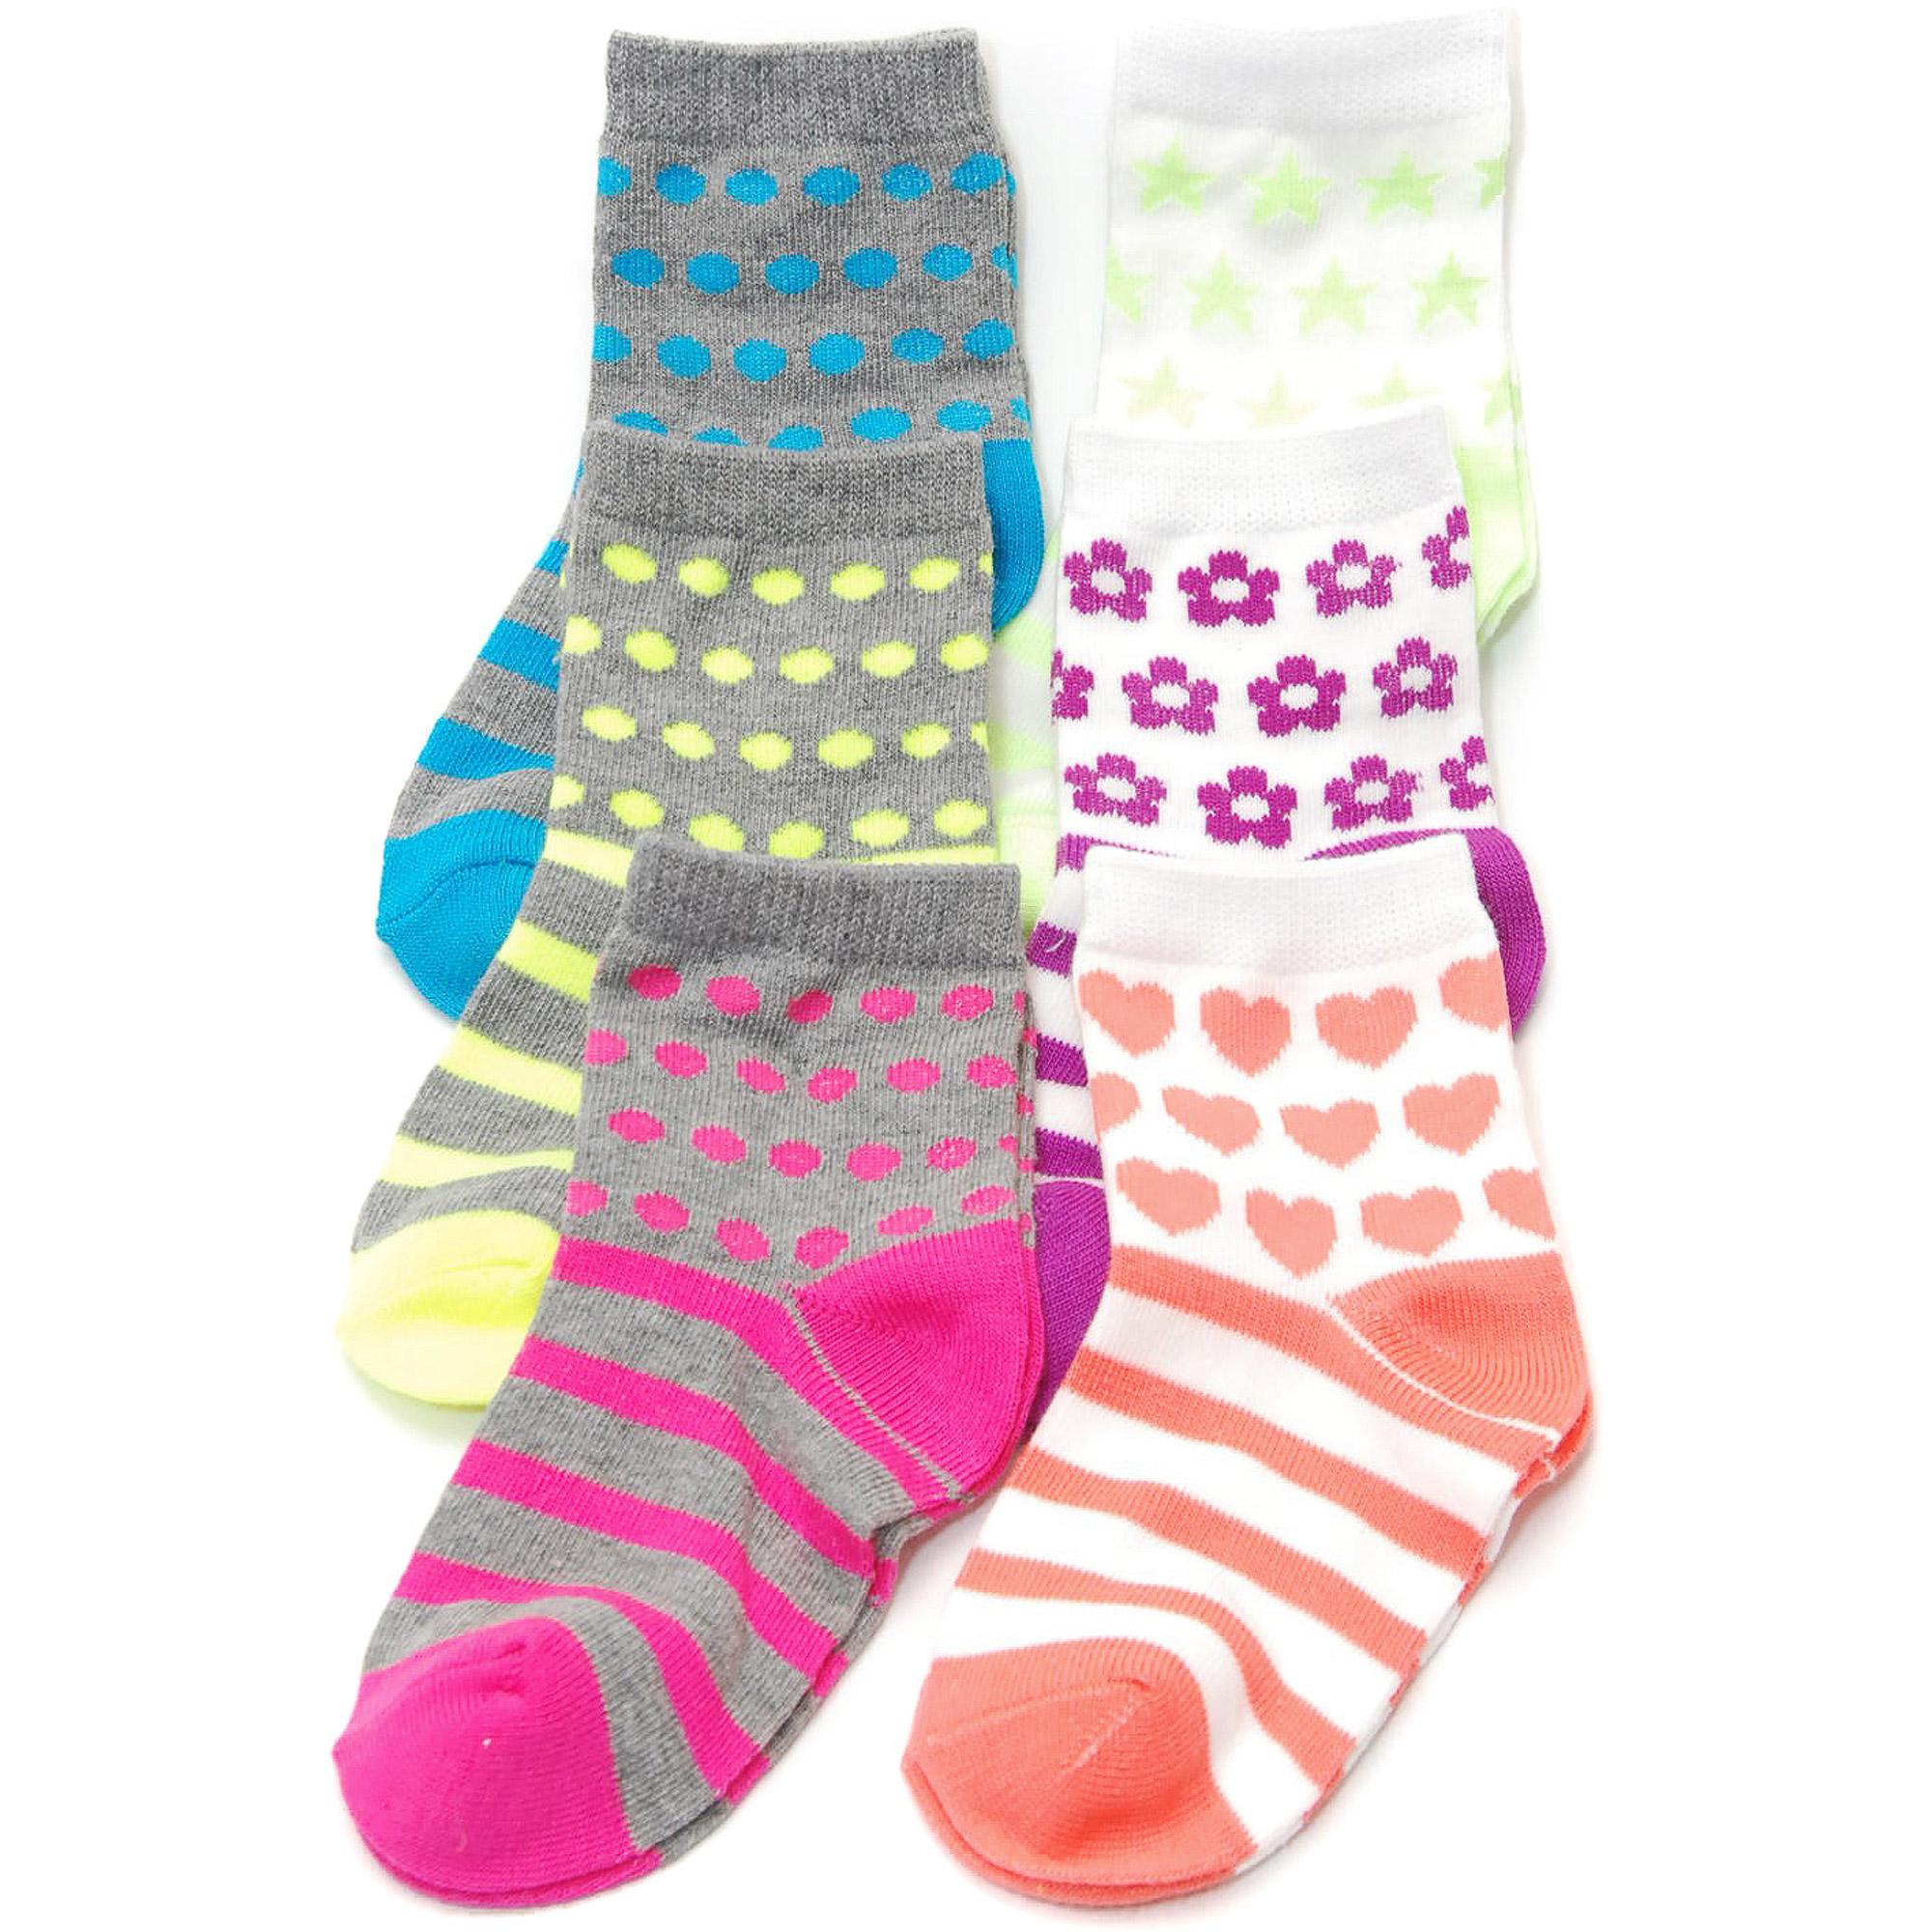 Garanimals Newborn Girl Assorted Socks, 6 Pairs